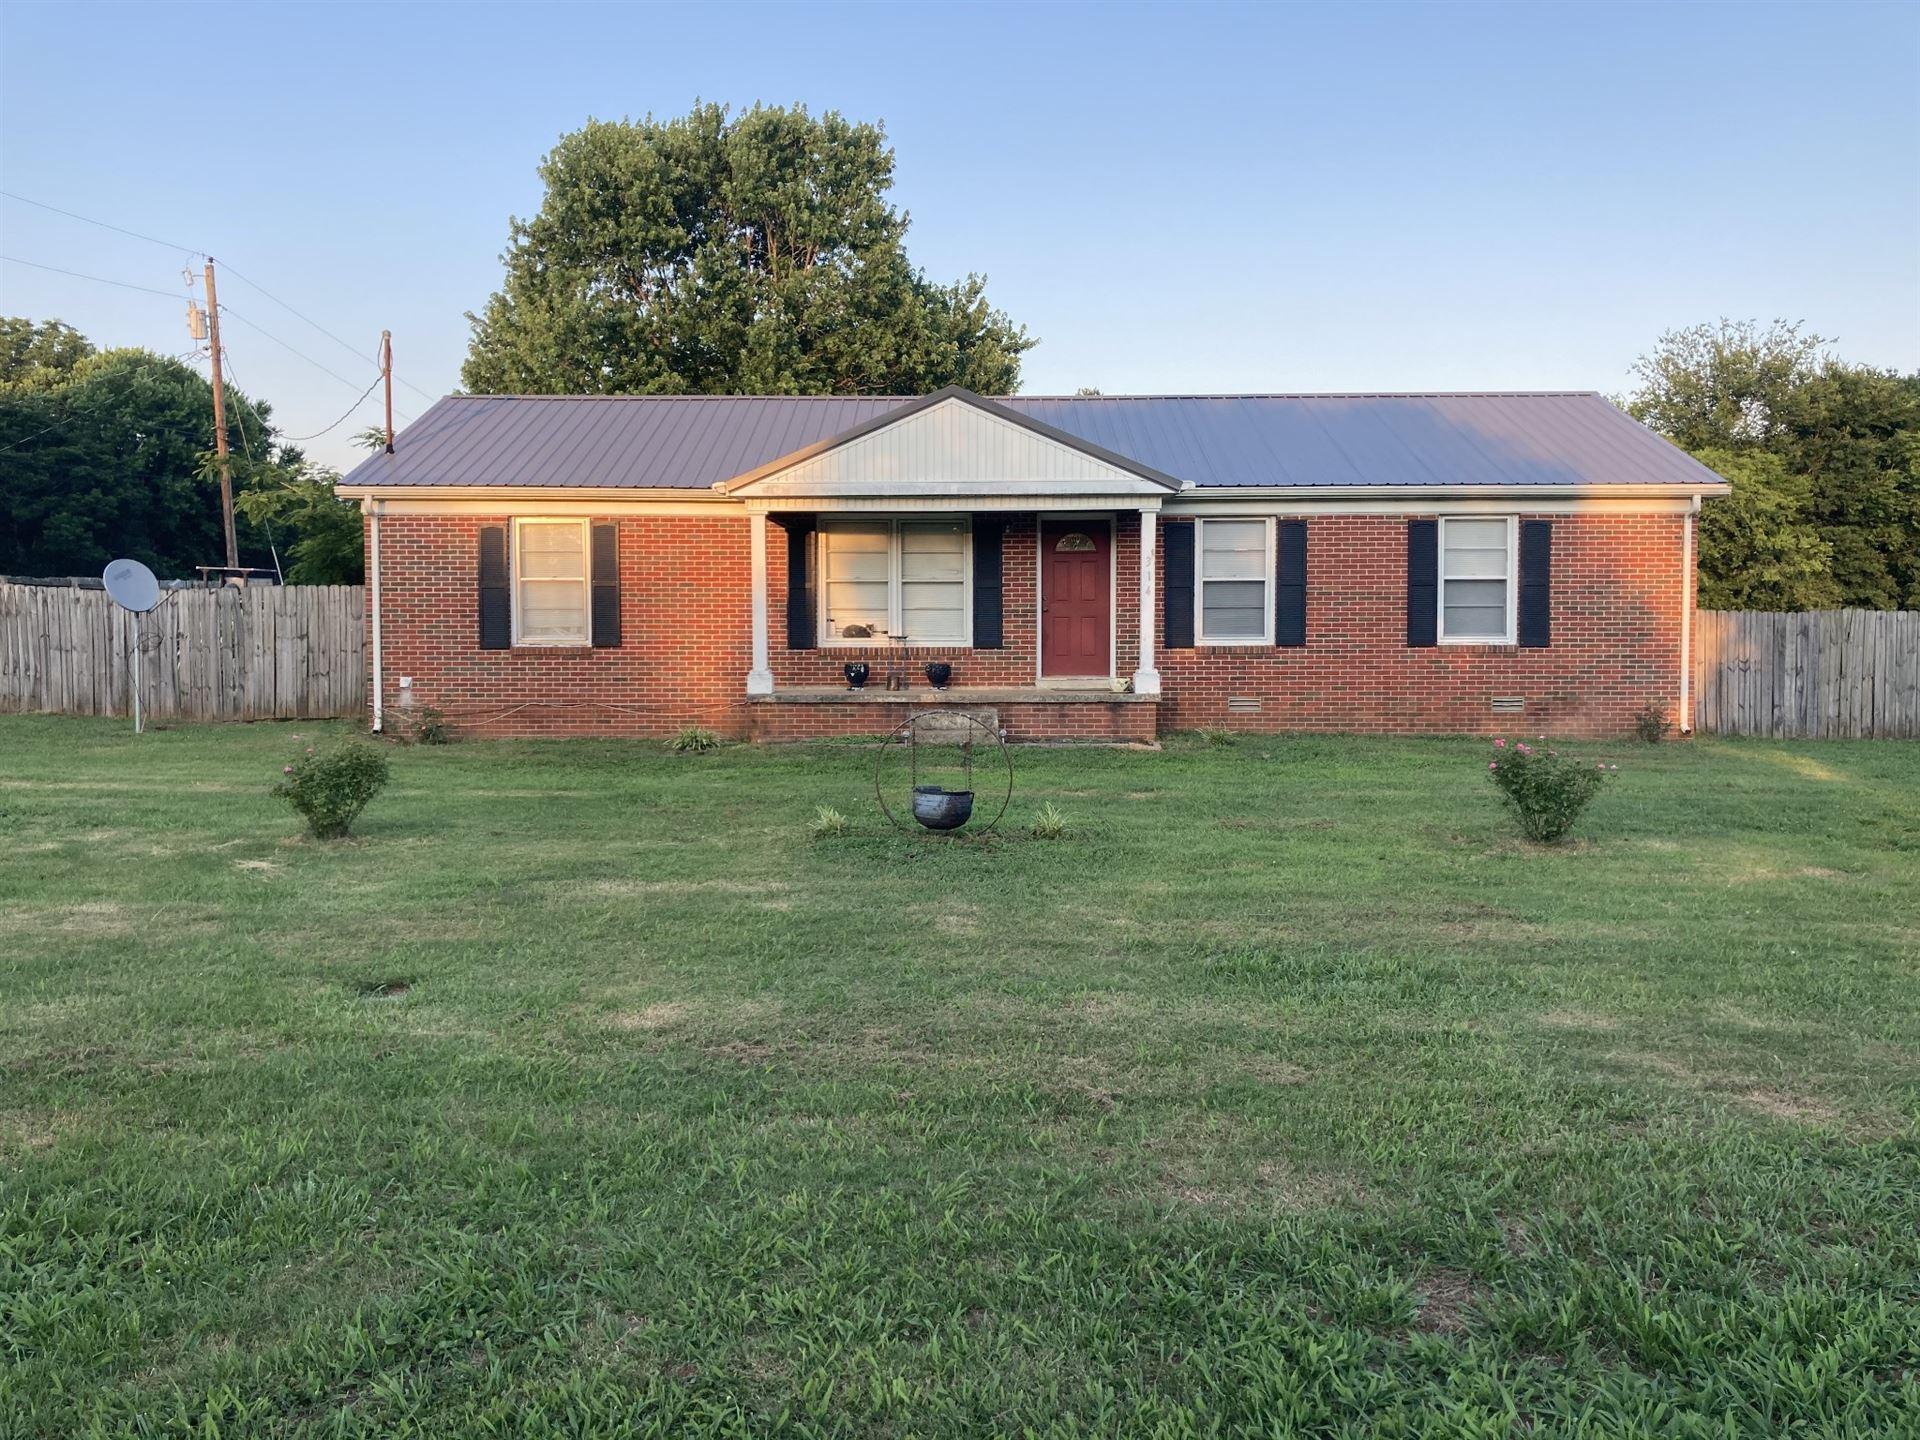 314 Redbud Ln, Unionville, TN 37180 - MLS#: 2264181